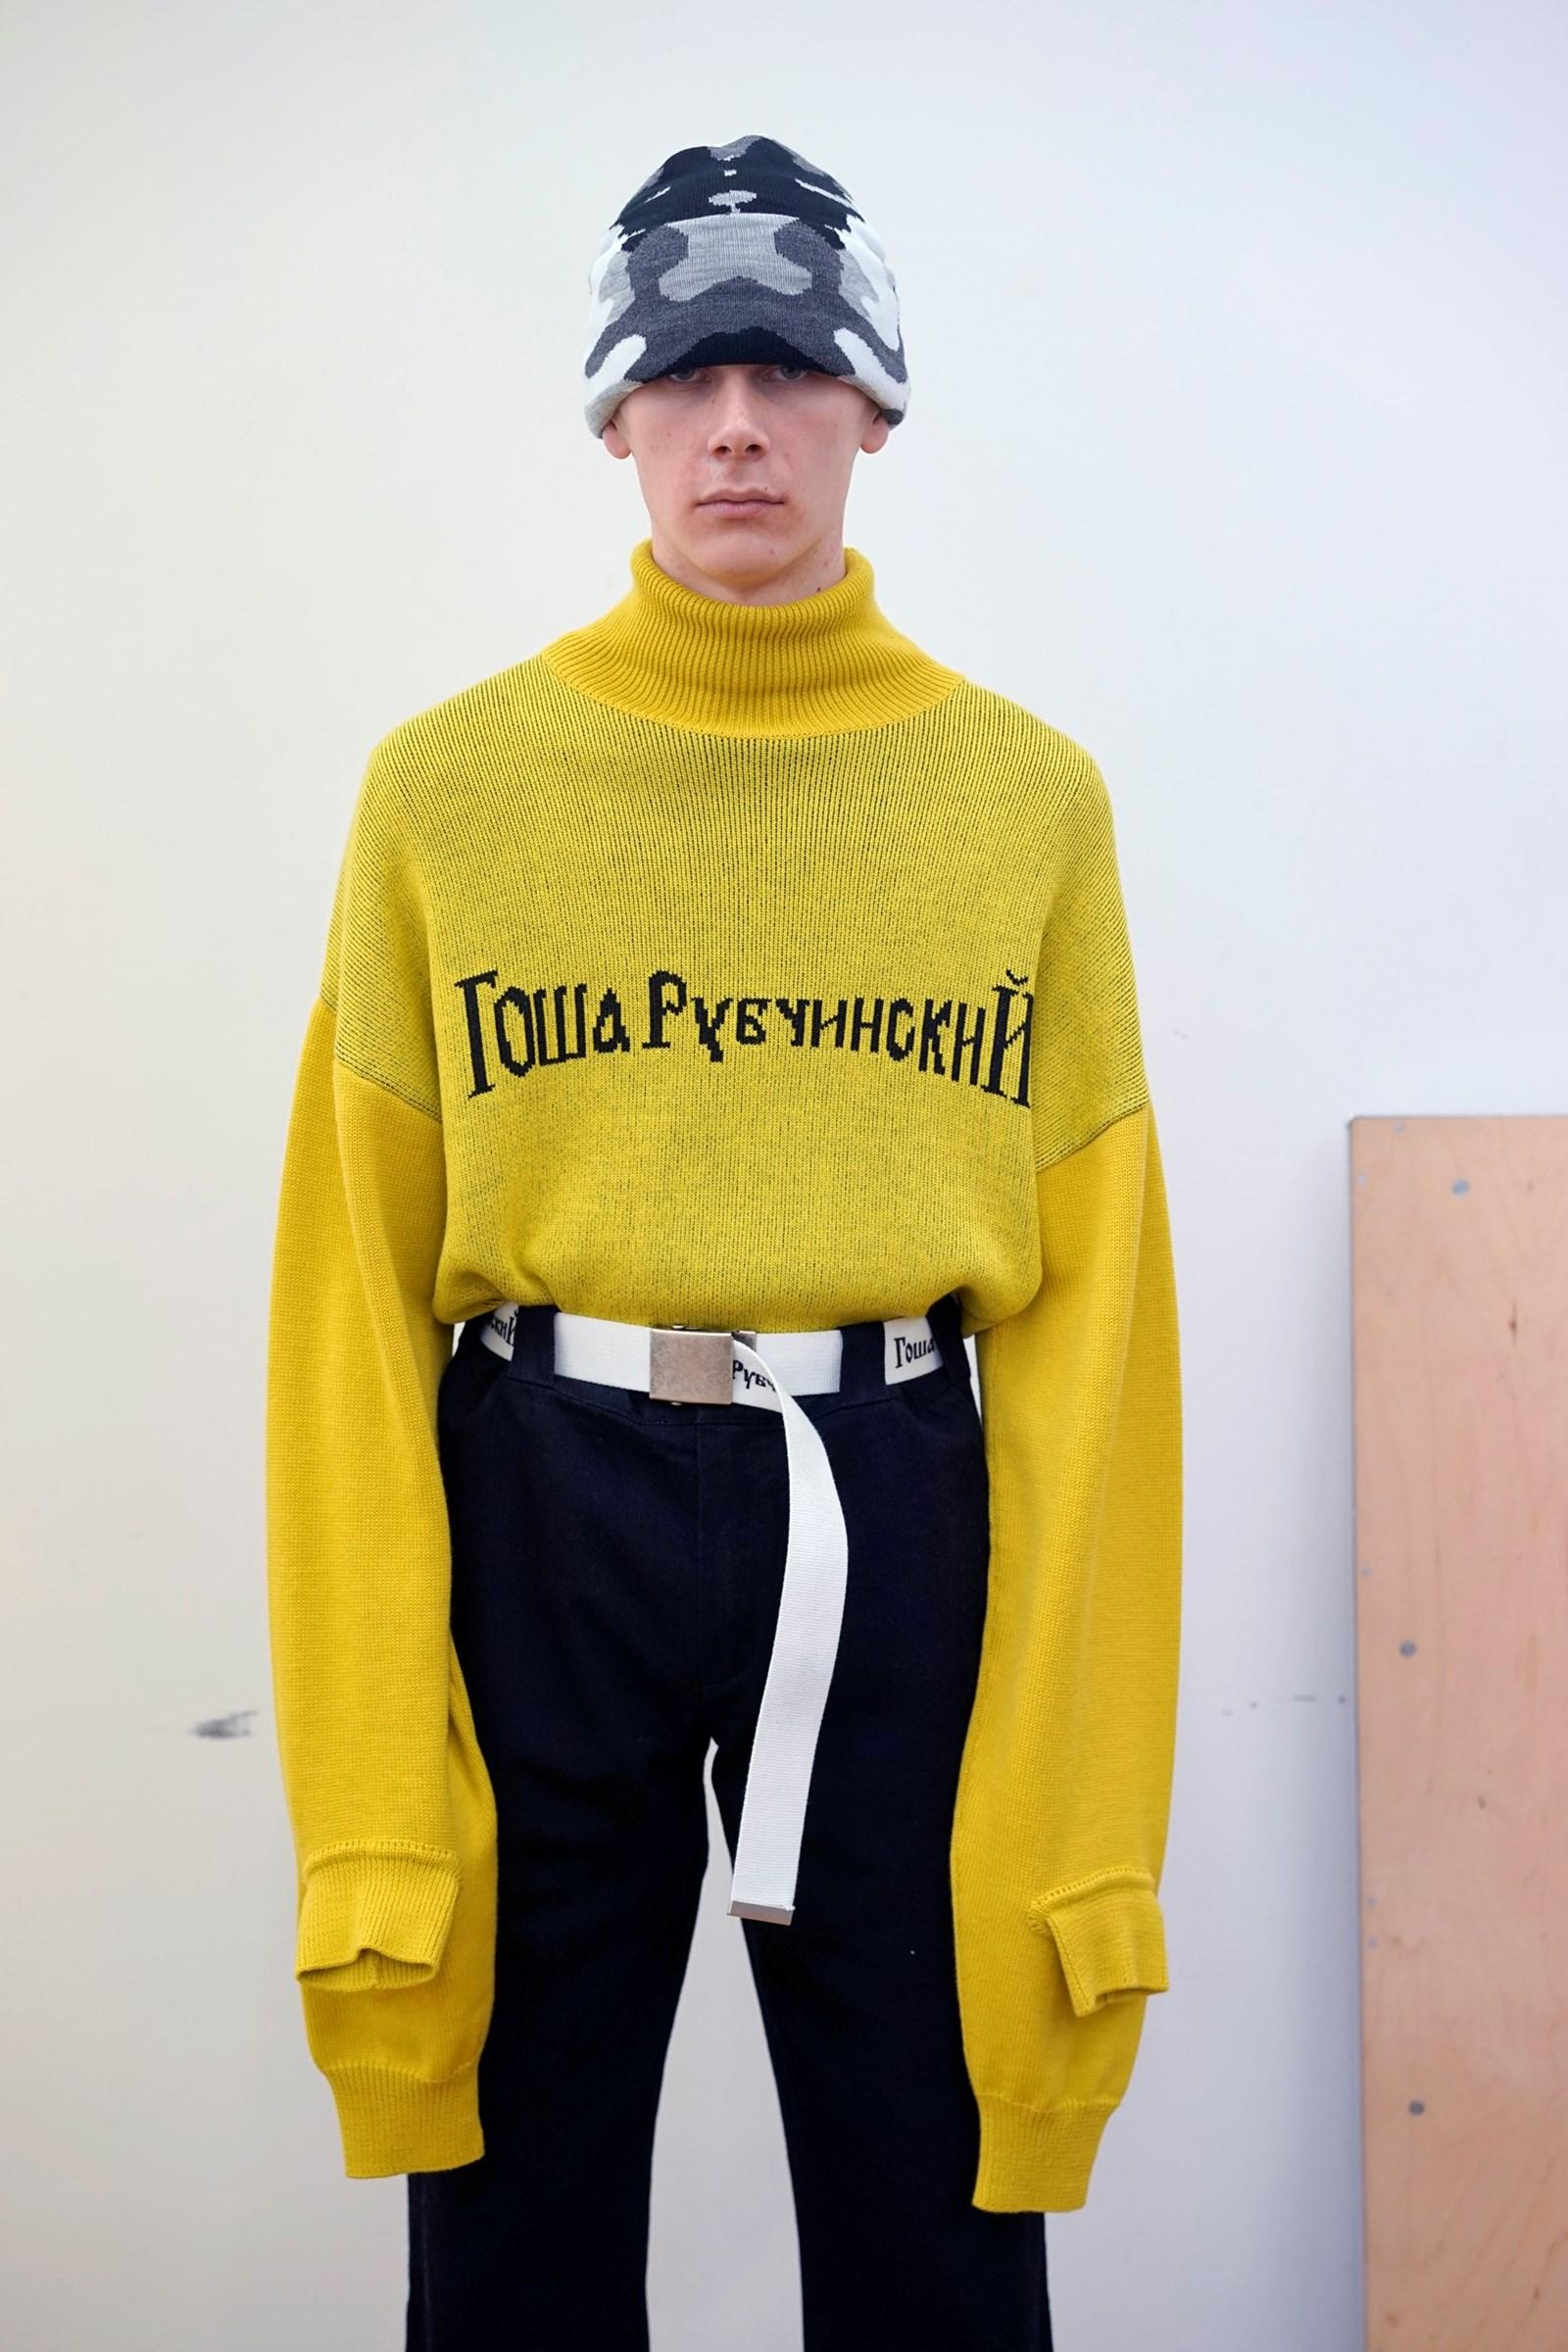 ... время выставки мужской одежды Pitti Duomo во Флоренции. По словам  дизайнера он «хочет представить что-то совершенно необычное»  «Русский  модельер, ... 475bc33c576